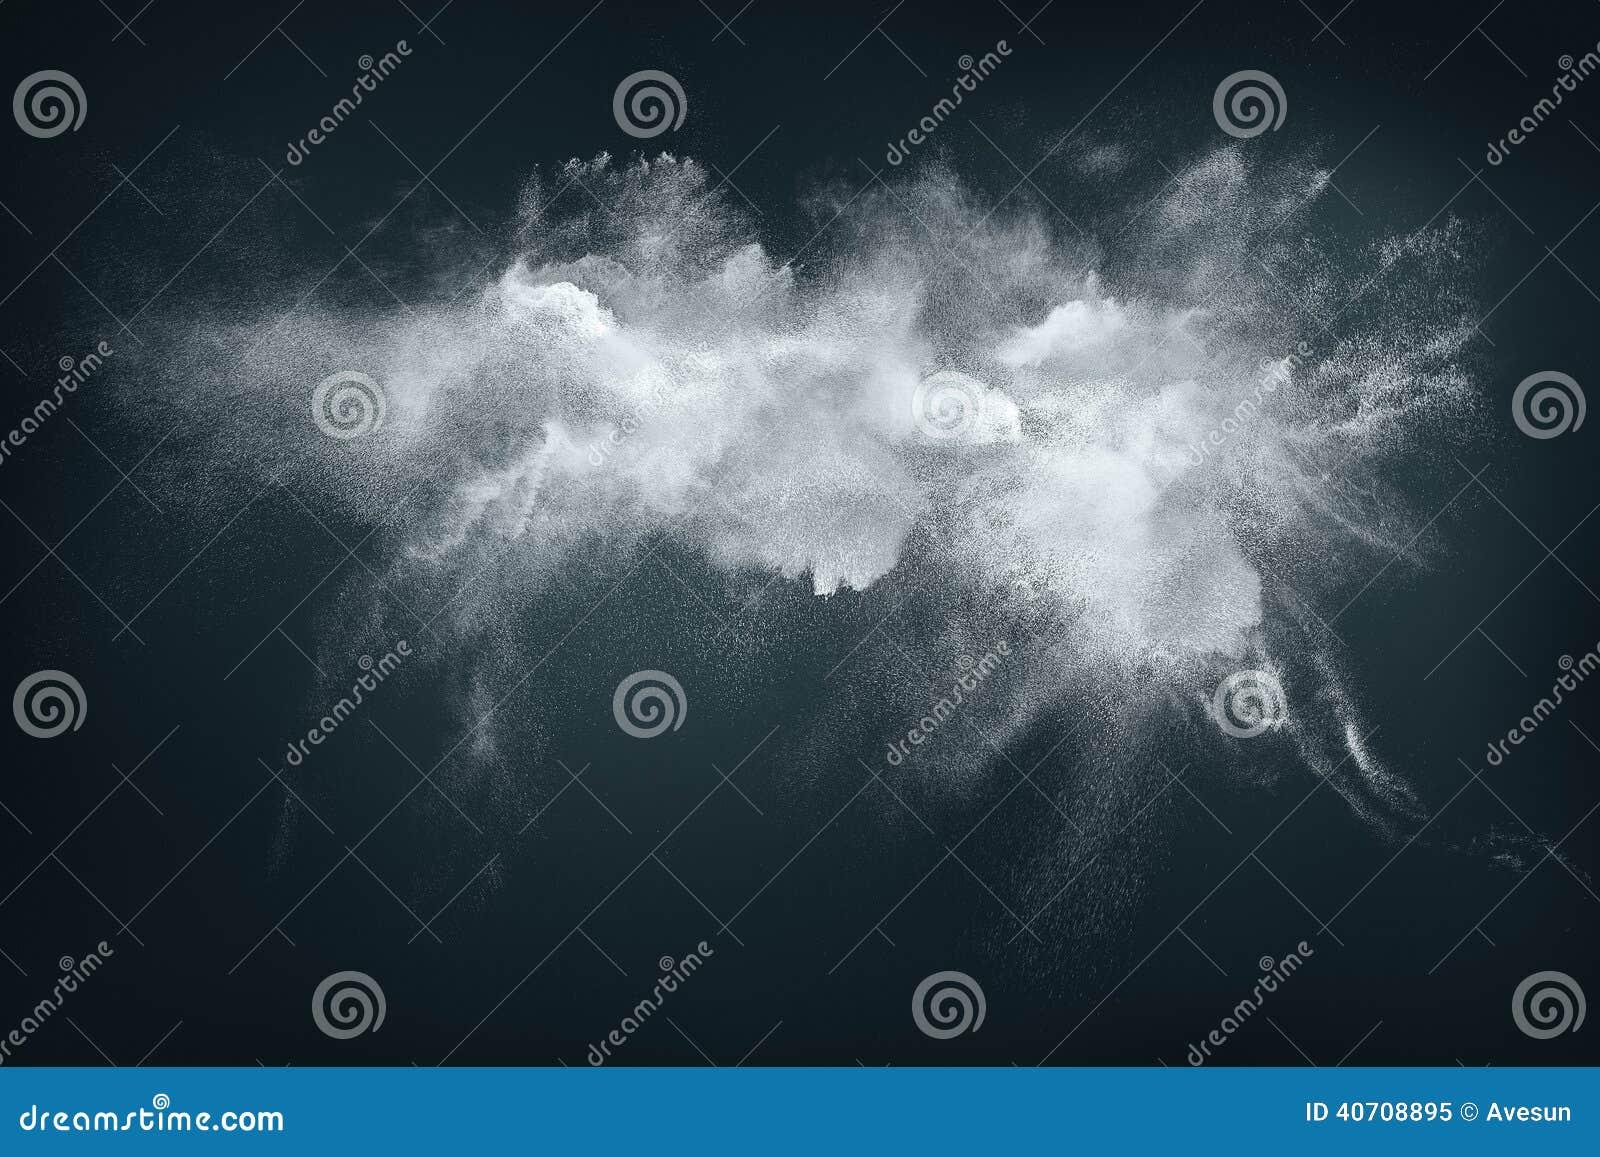 Conception abstraite du nuage blanc de poudre